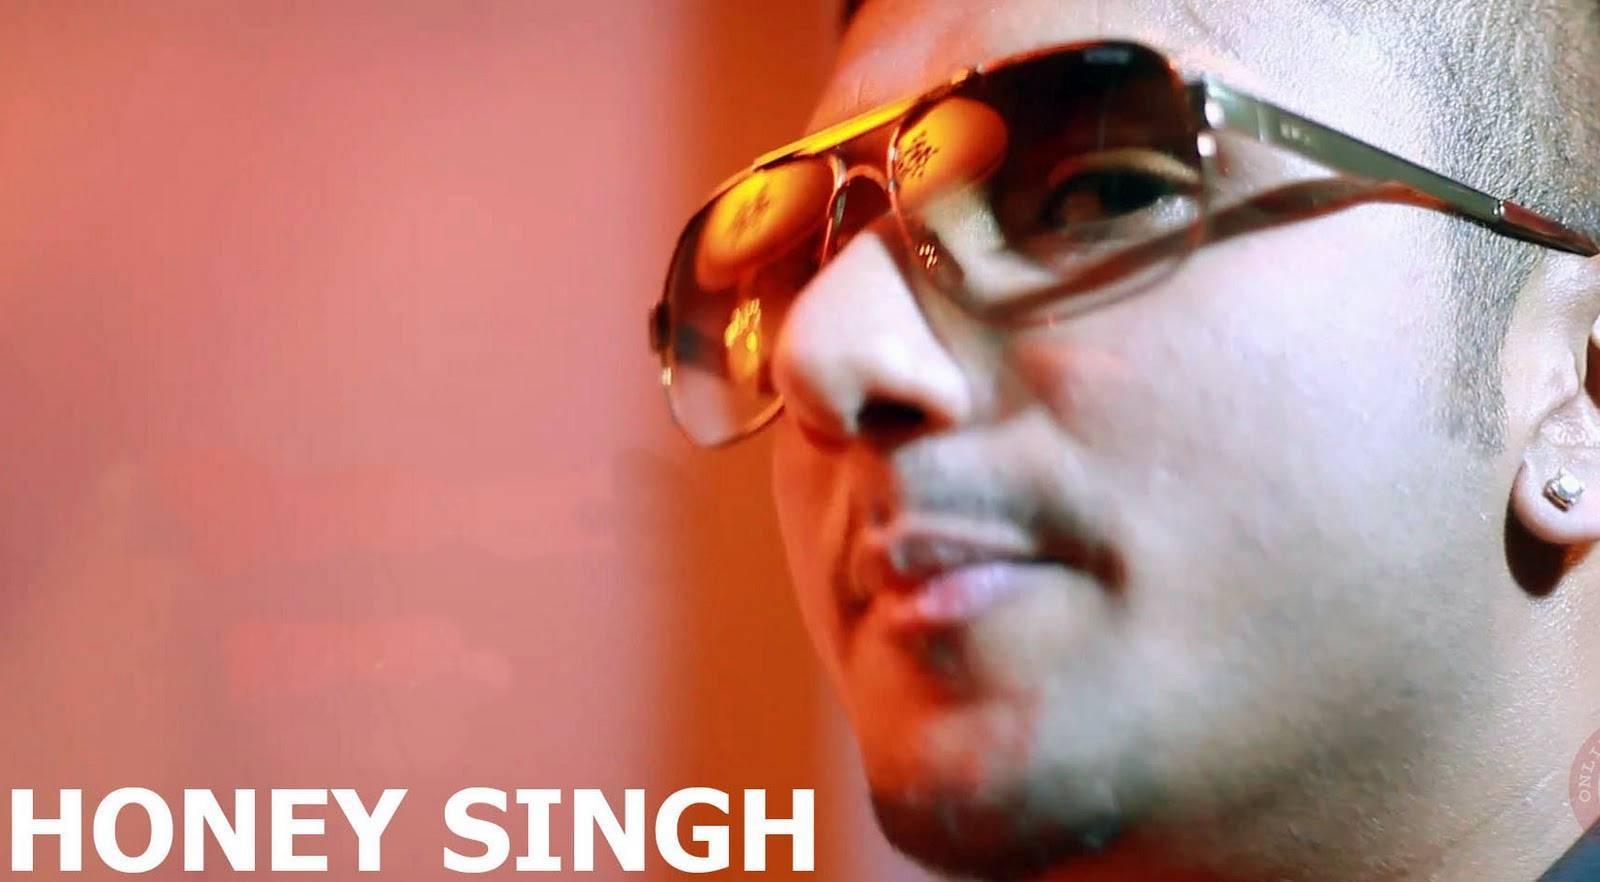 Yo Yo Honey Singh Image: Sanyam: Best Wallpapers Of Yo! Yo! Honey Singh